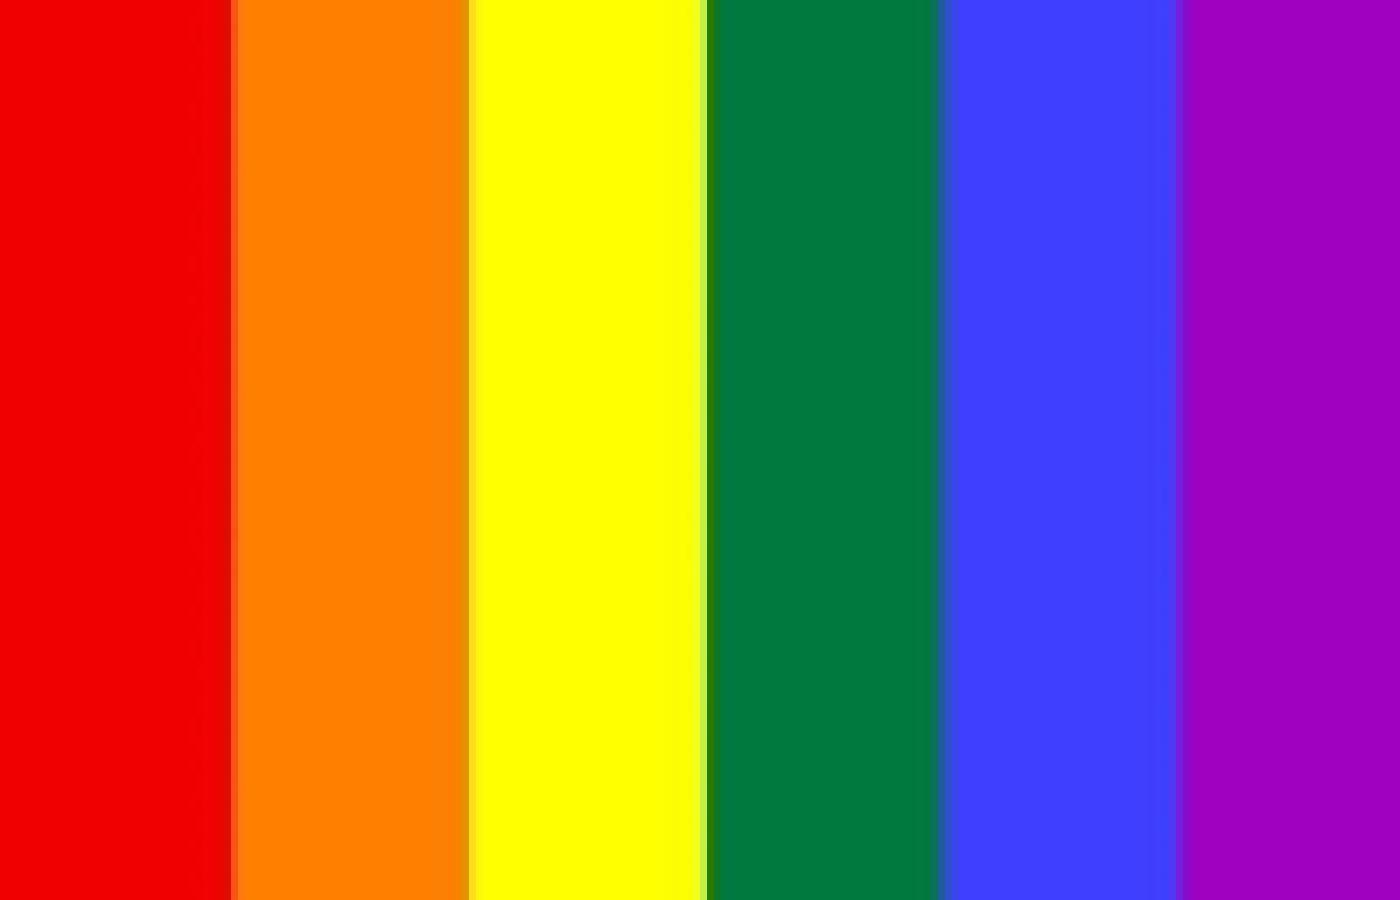 Aplikacja gejowska w Londynie wydarzenia randkowe w zakotwiczeniu